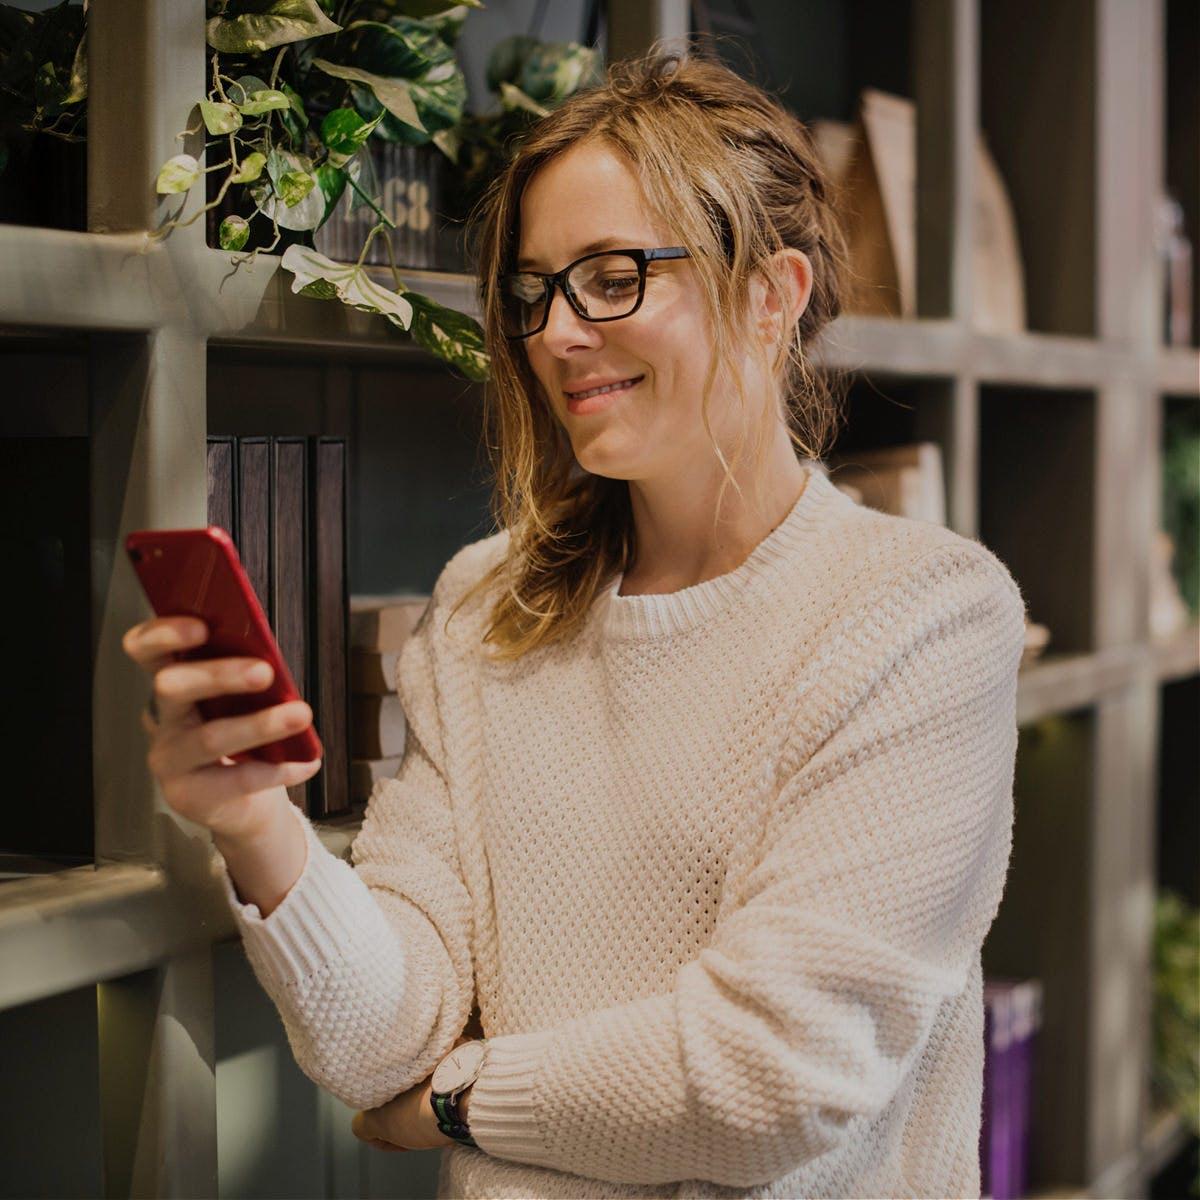 Progressive briller - lese på mobilen